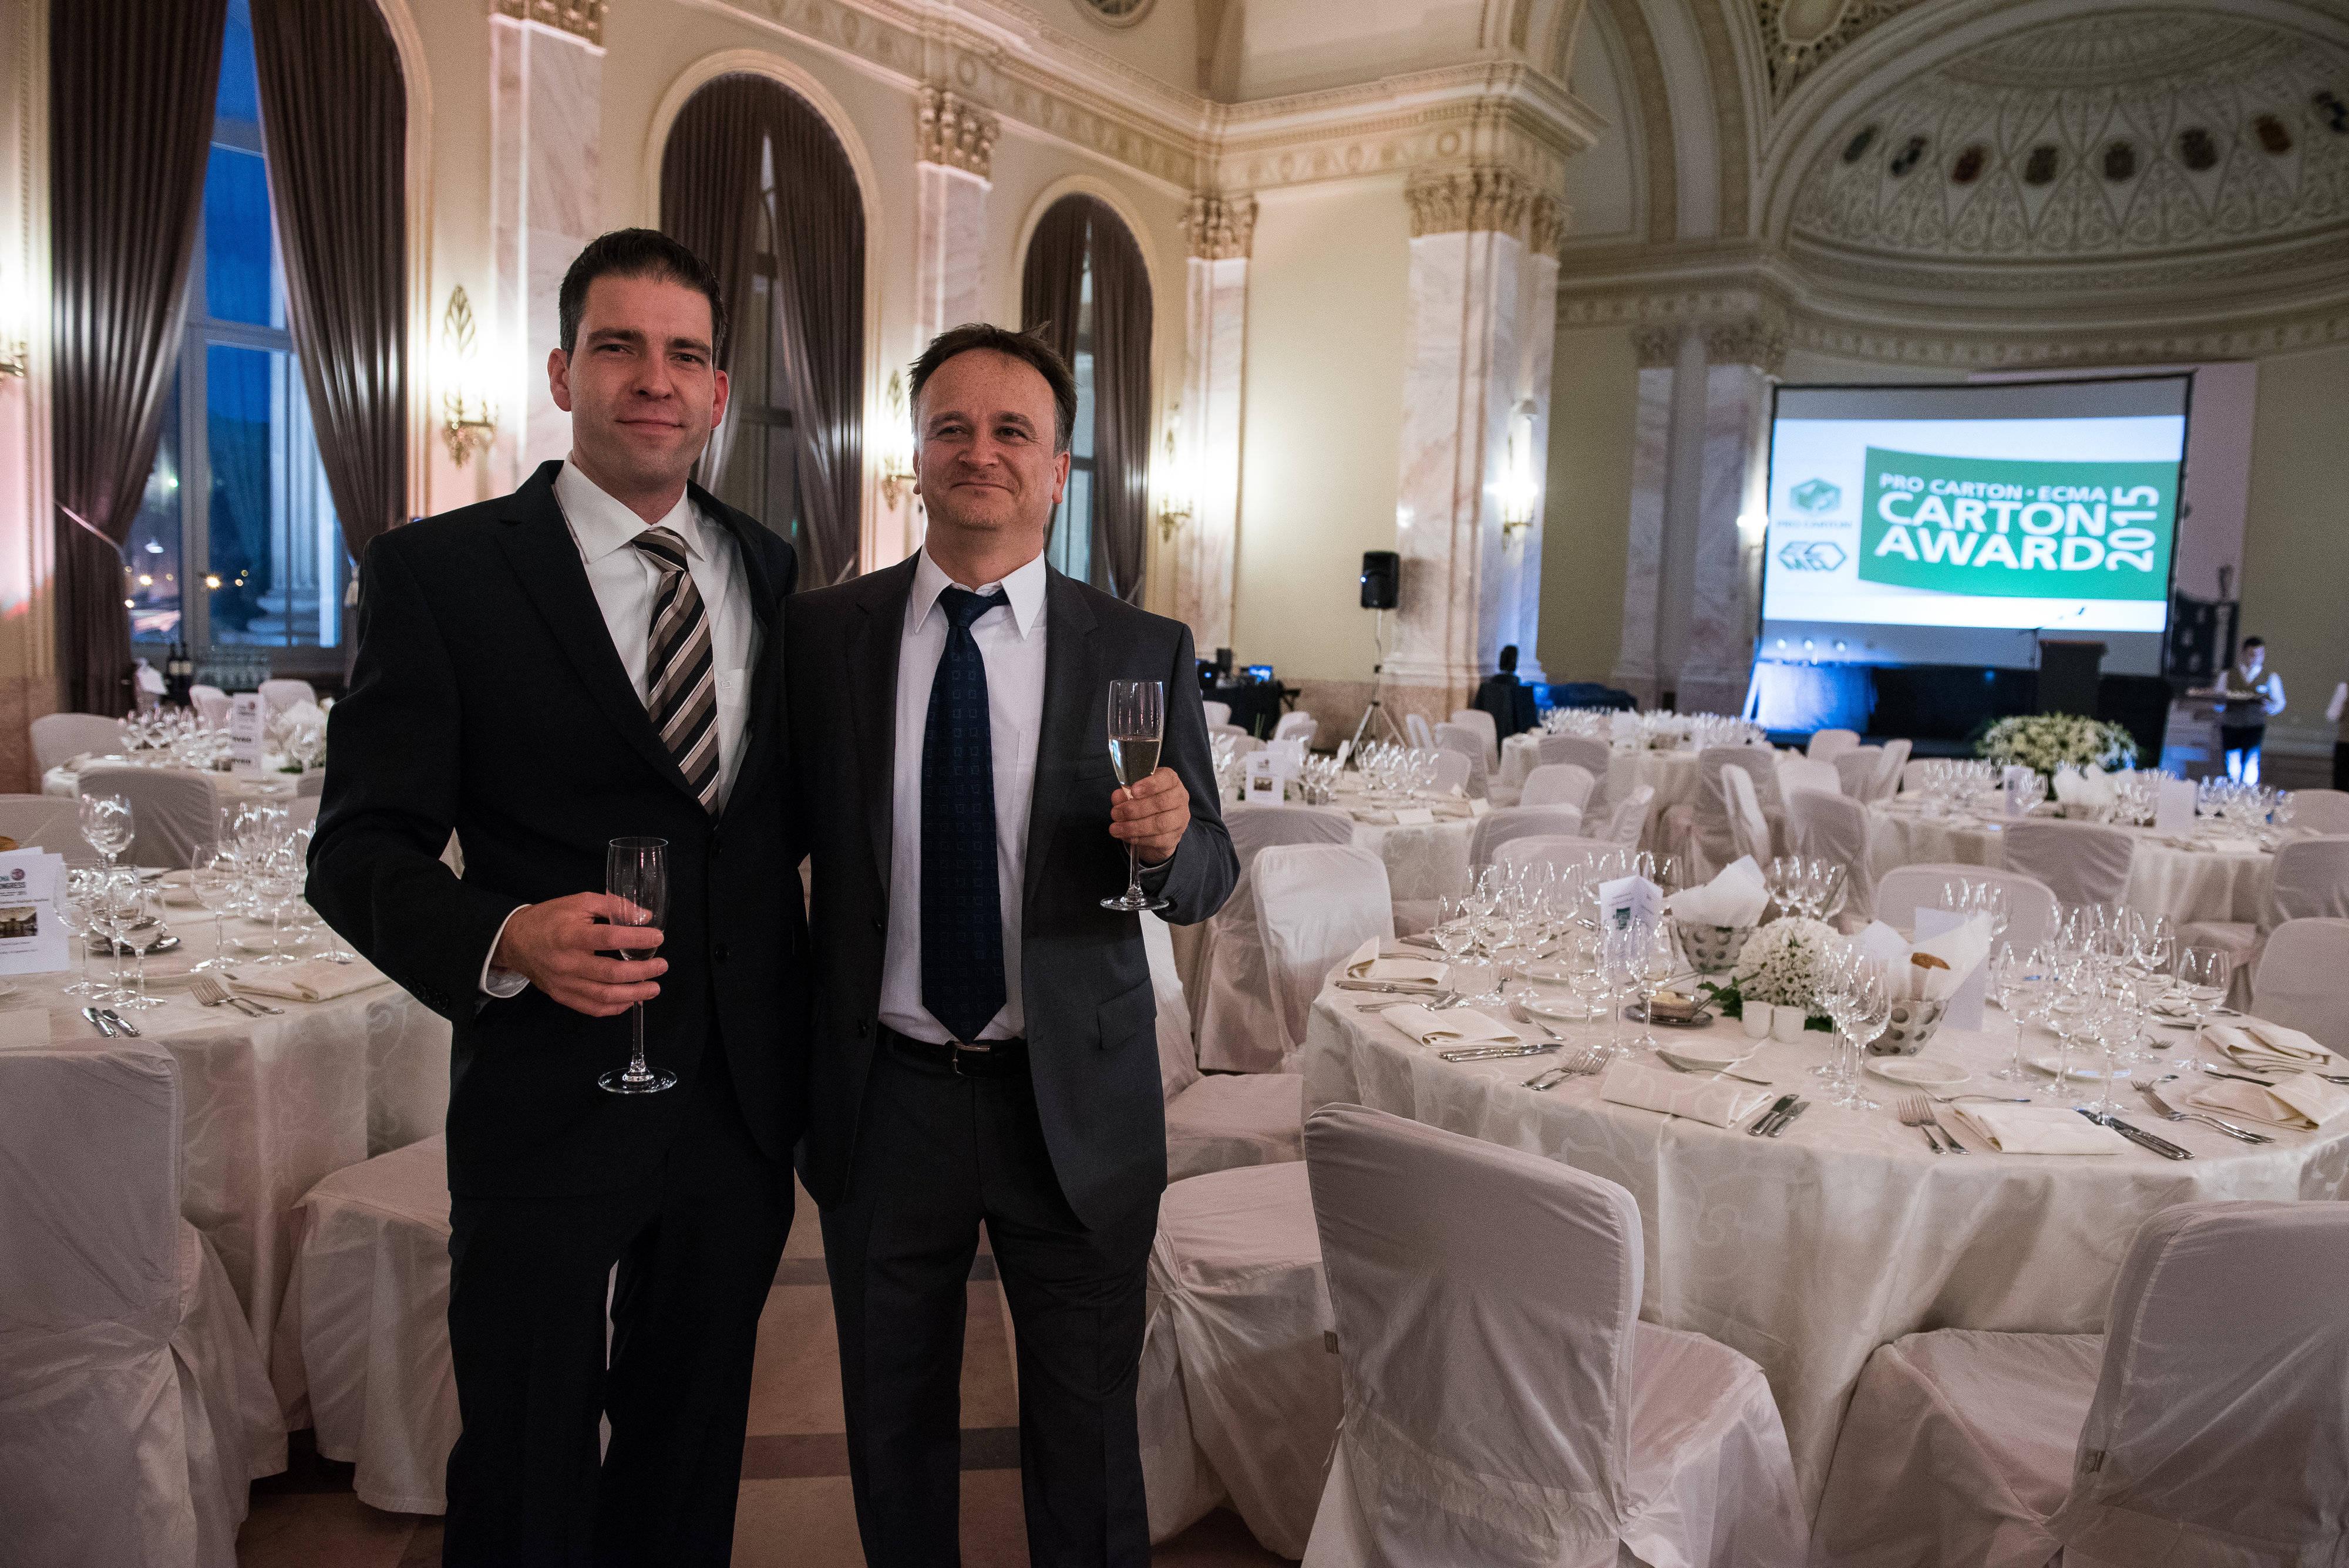 Pro Carton ECMA Award Gala 2015 19